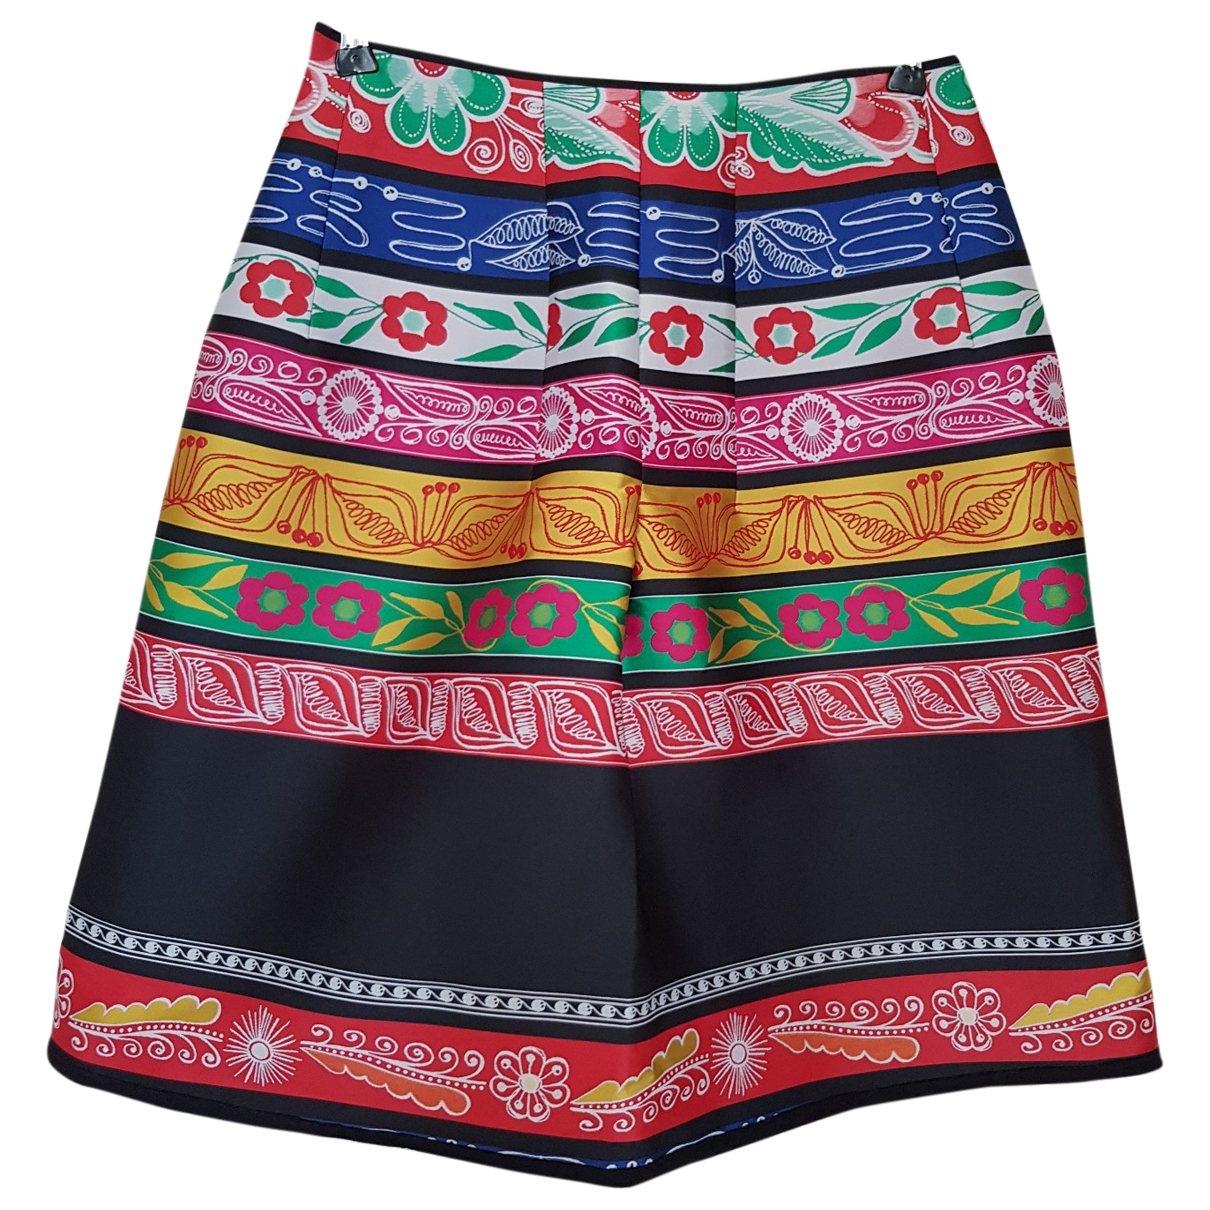 Hache - Jupe   pour femme - multicolore